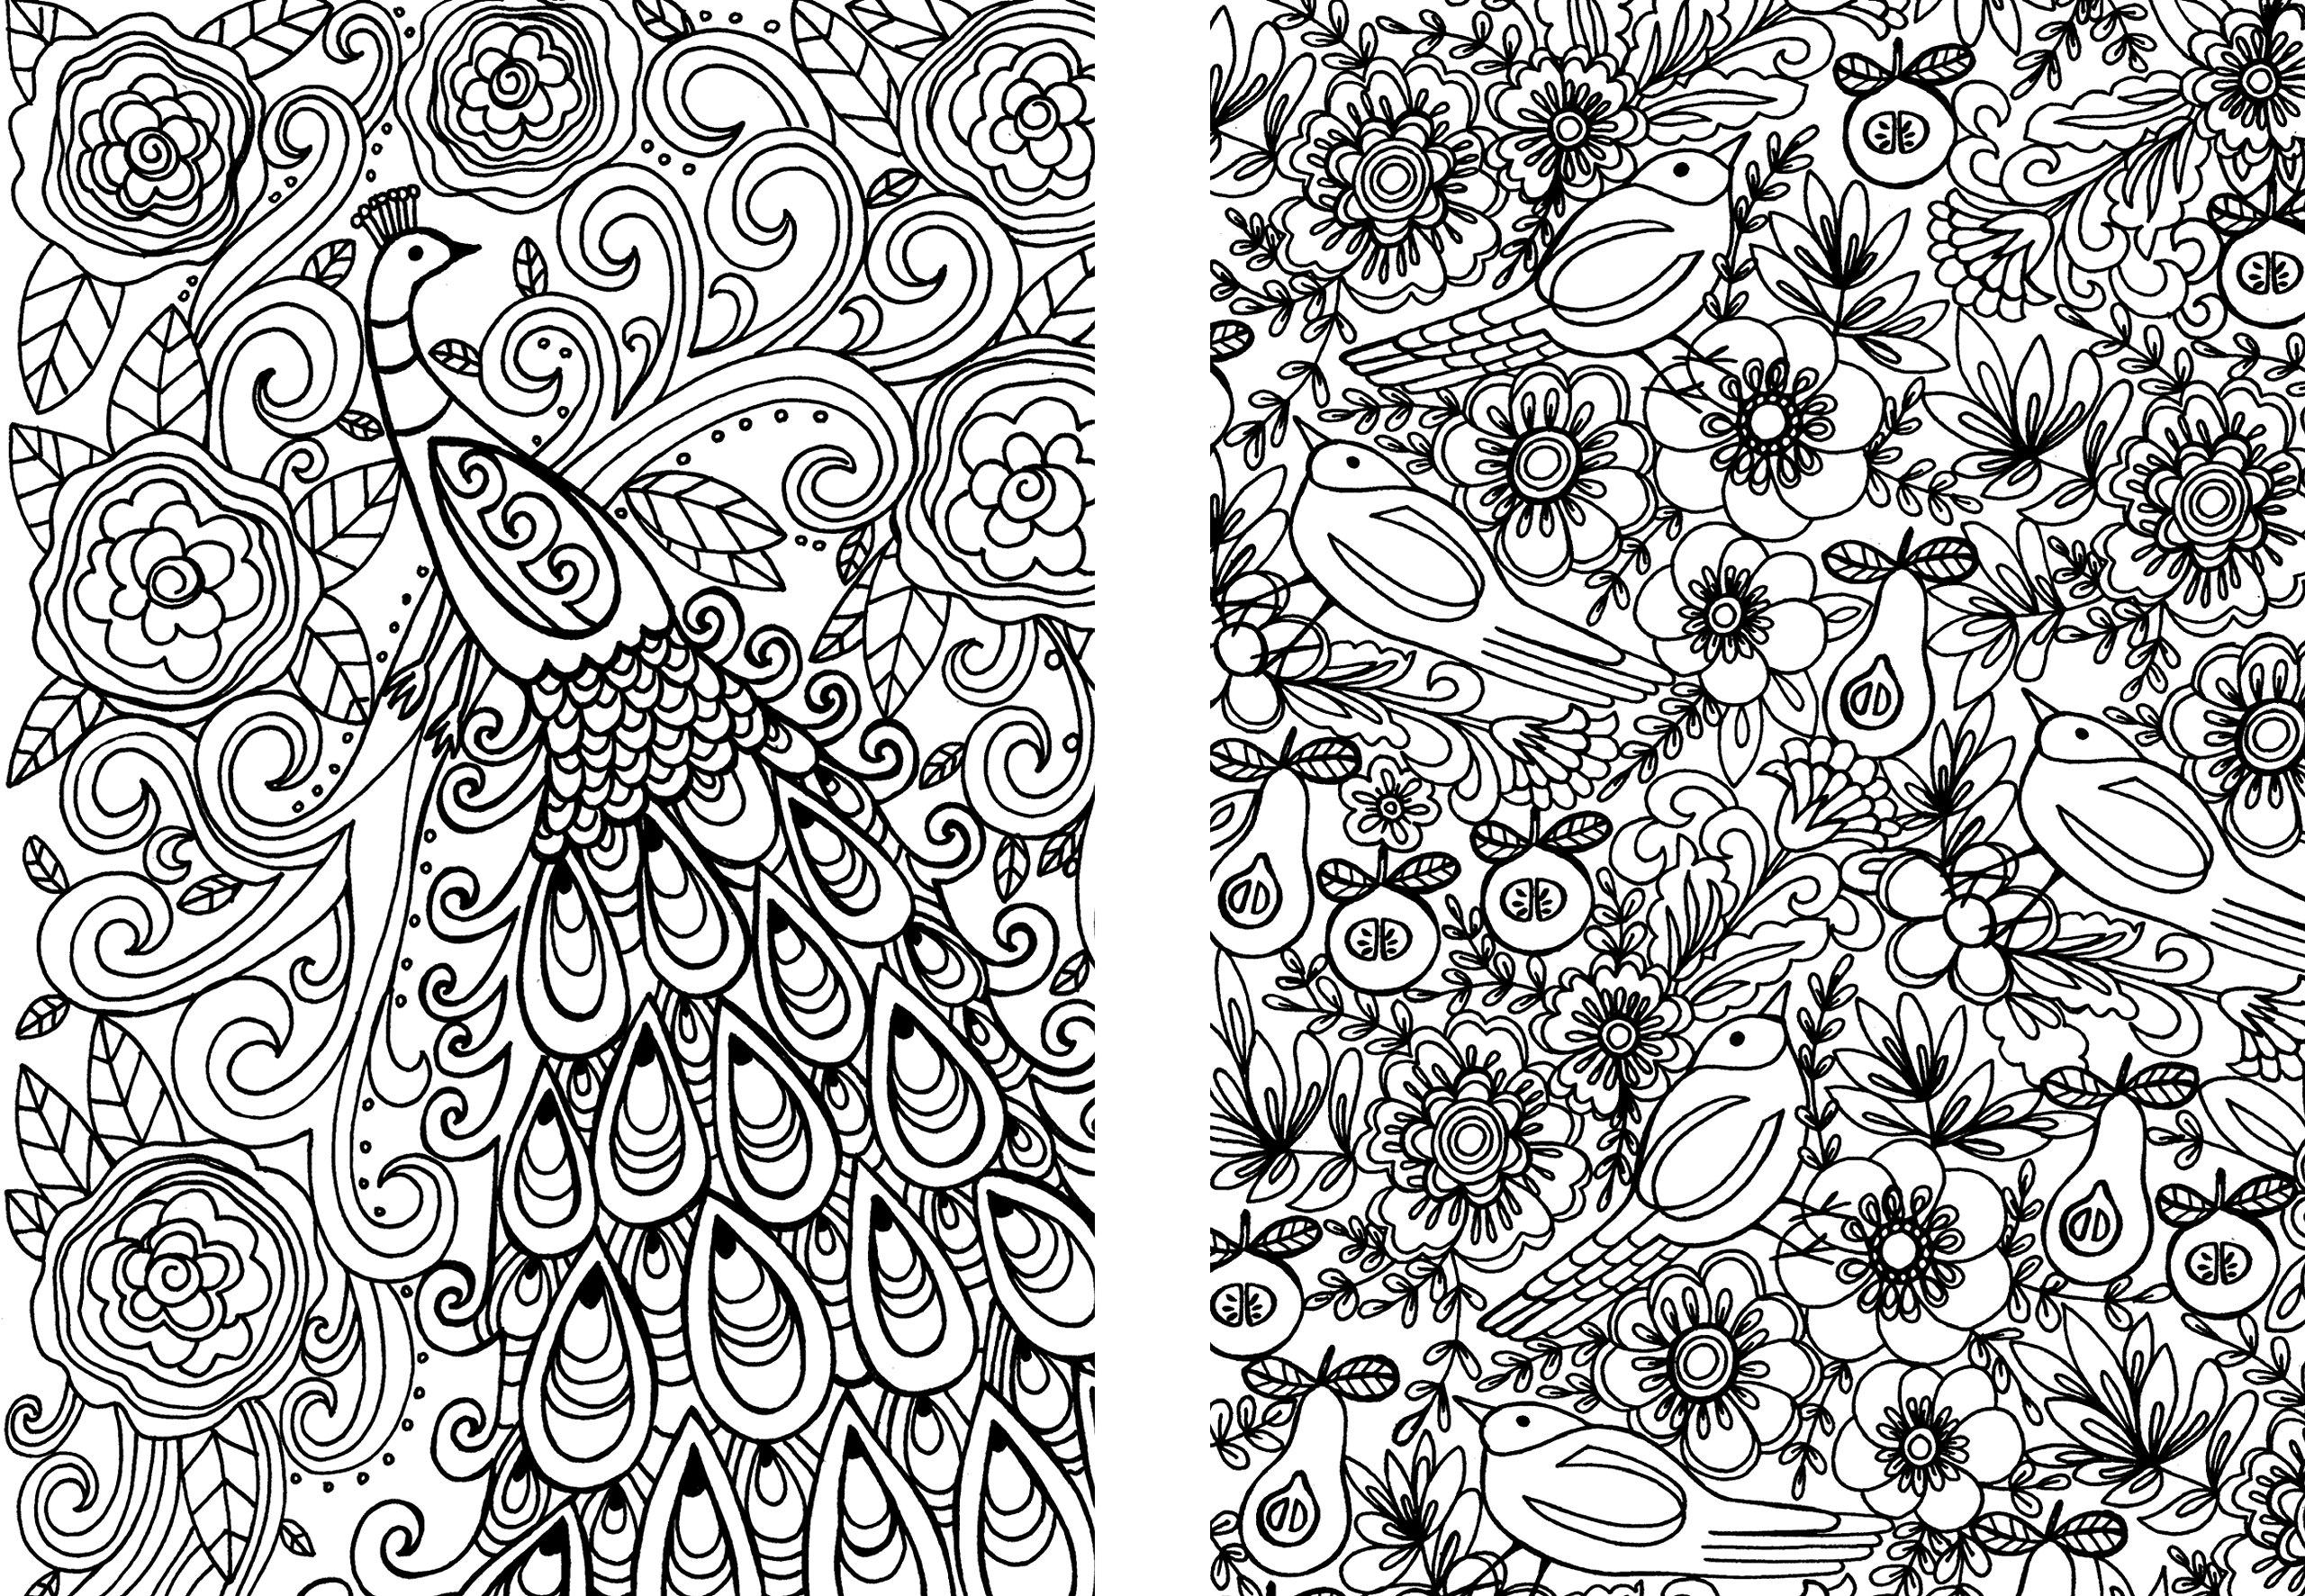 Disegni Da Colorare Art Therapy.Art Therapy Giardini In Fiore Amazon It Art Therapy Libri